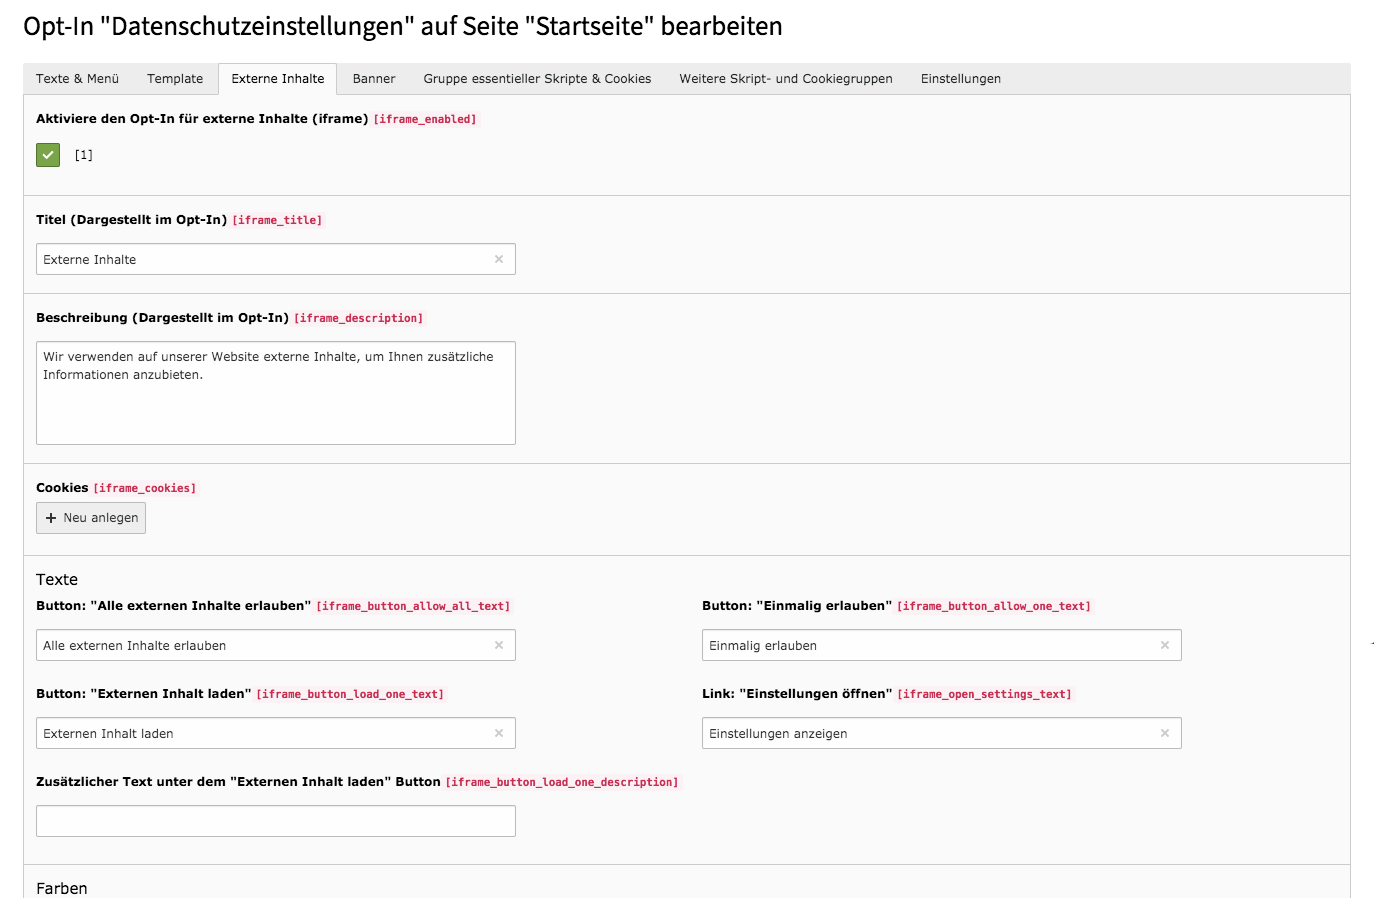 Cookie Consent TYPO3 Website Base Backend Externer Inhalt